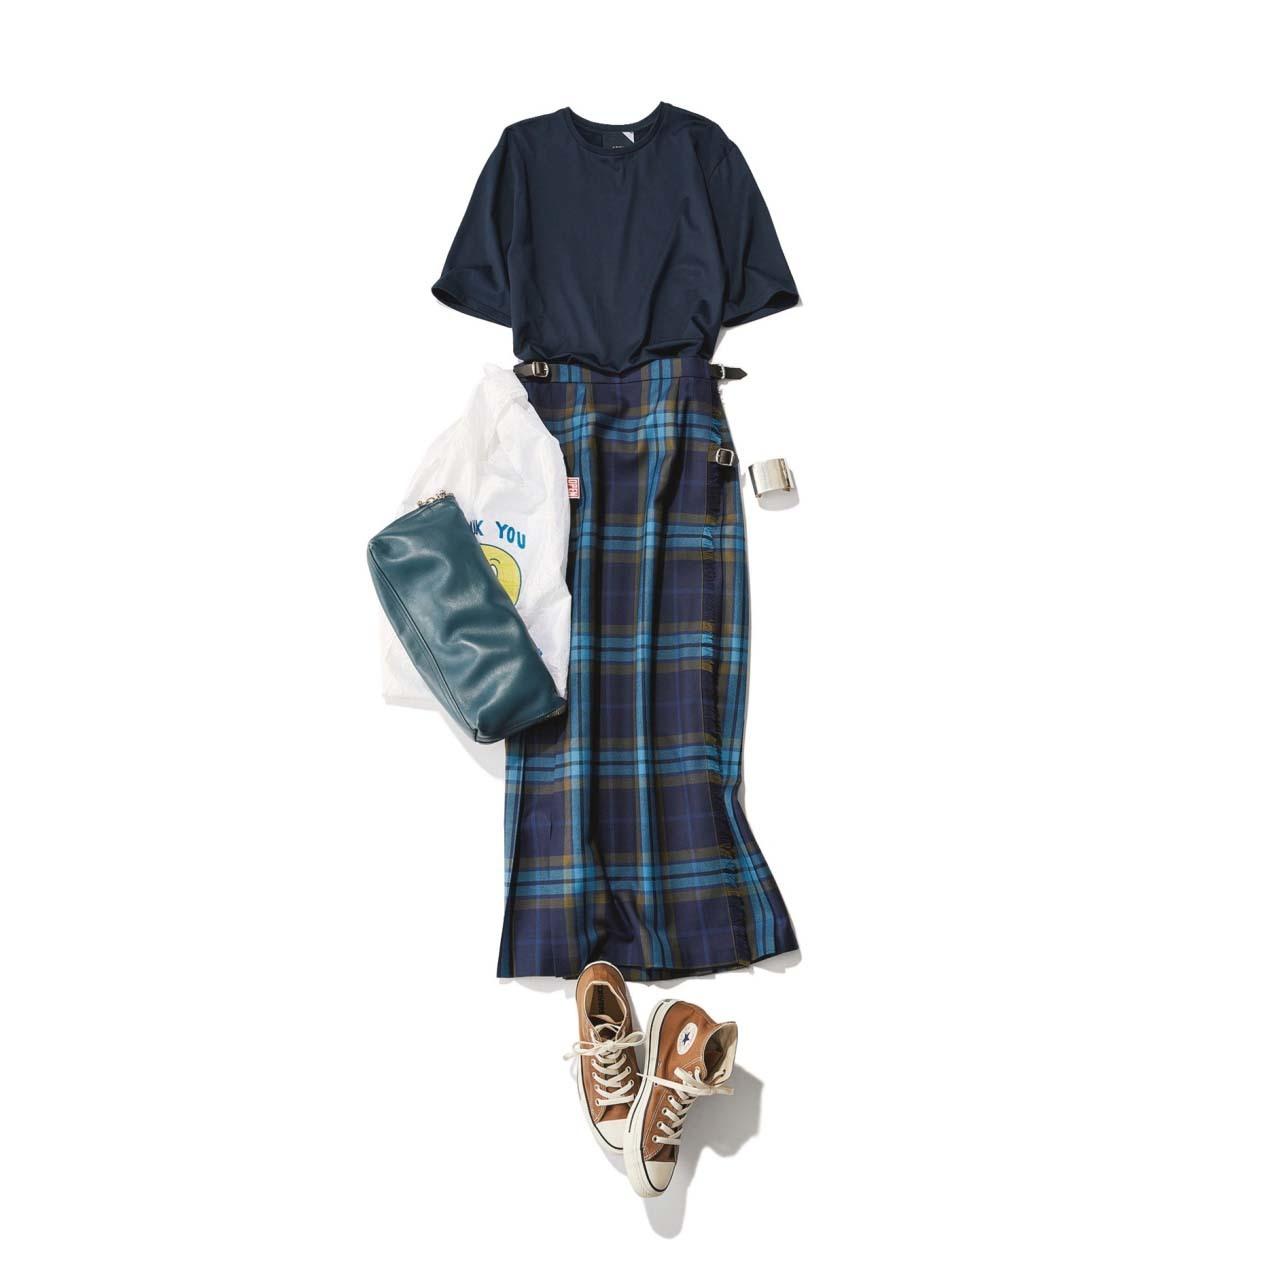 ネイビーTシャツ×チェック柄スカート×ハイカット・ブラウンコンバースコーデ